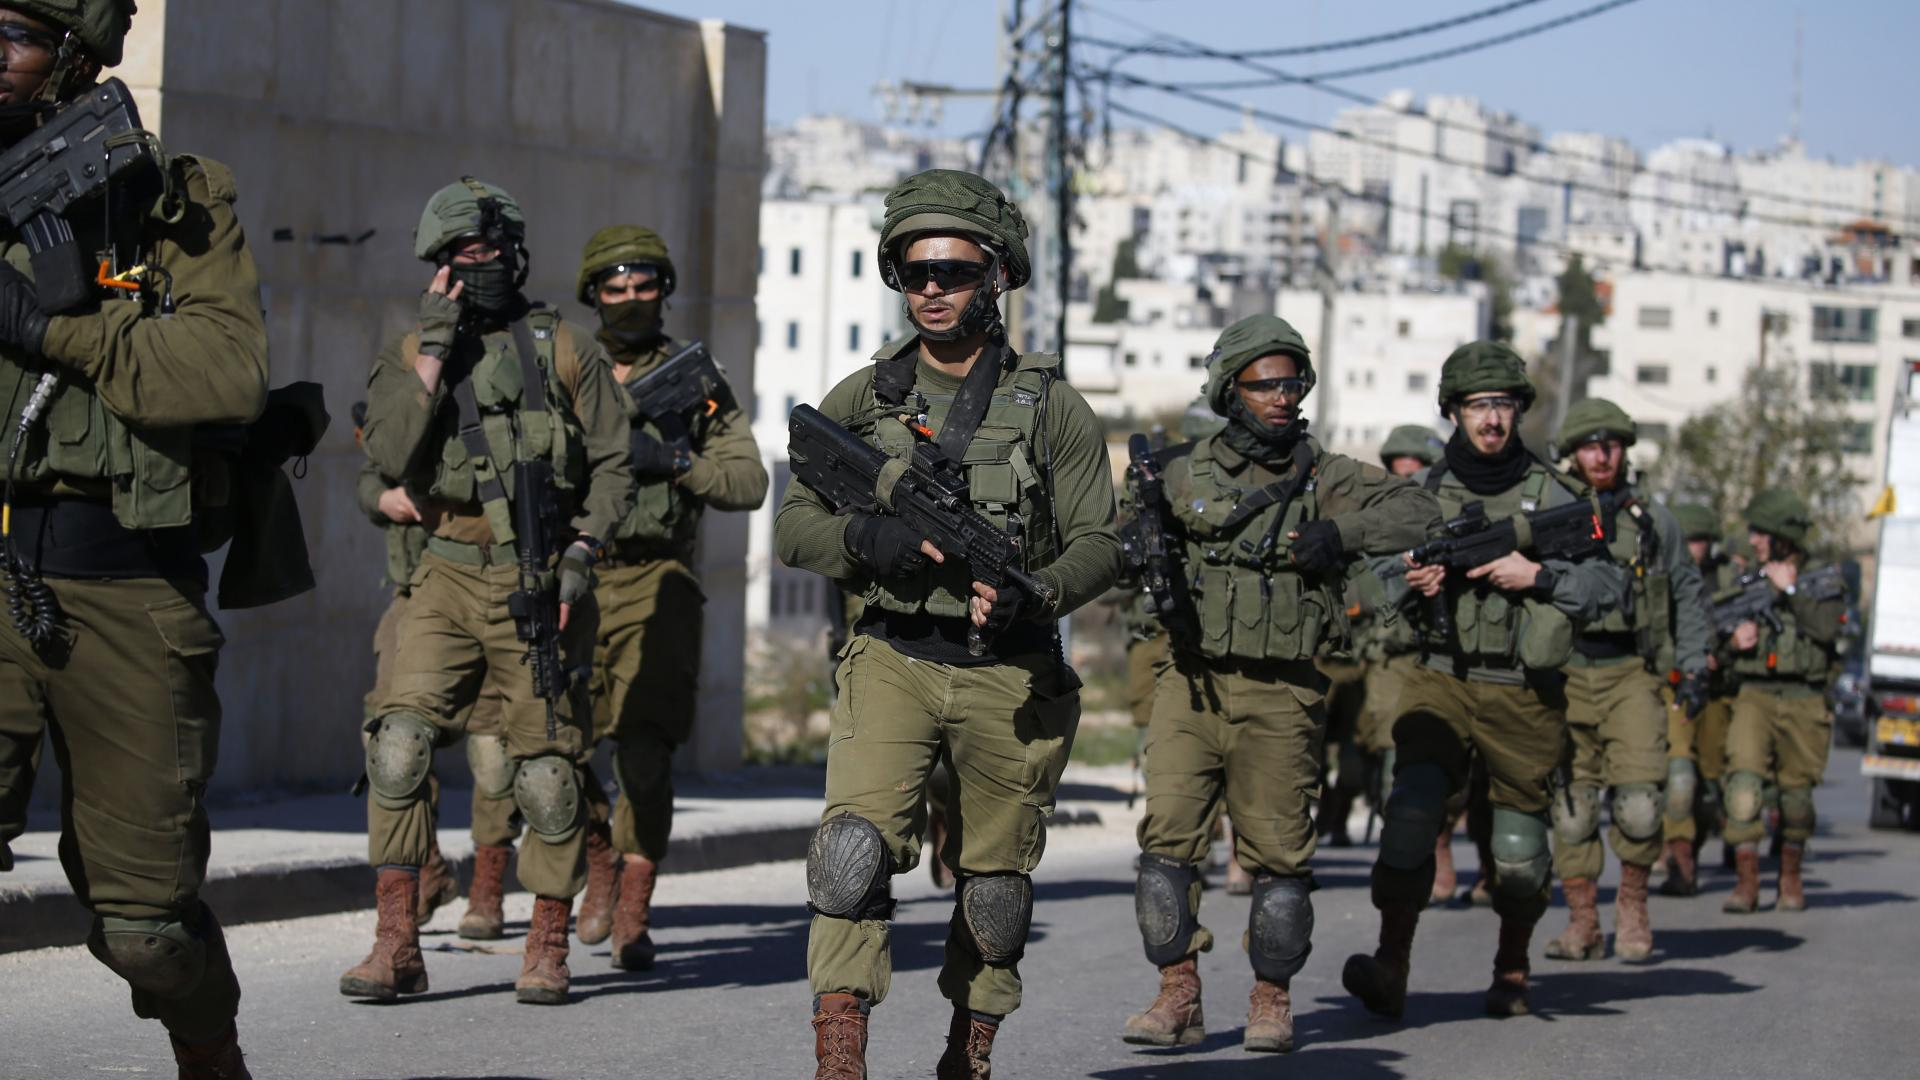 محكمة إسرائيلية تدين 5 جنود بضرب معتقلين فلسطينيين